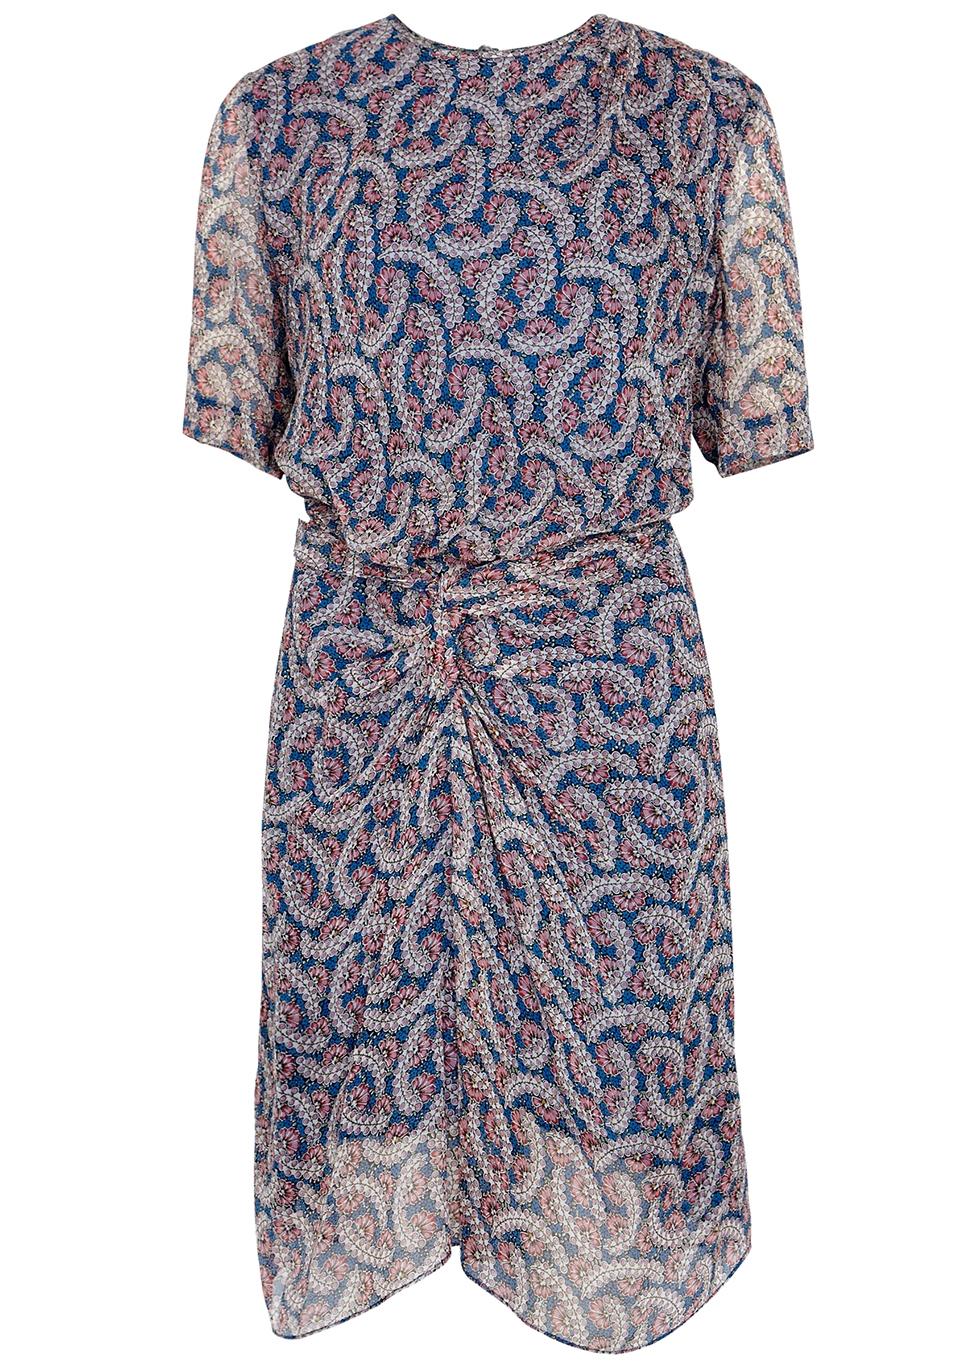 Urban Stone Designer Clothing | Women S Designer Clothing Dresses And Luxury Fashion Harvey Nichols